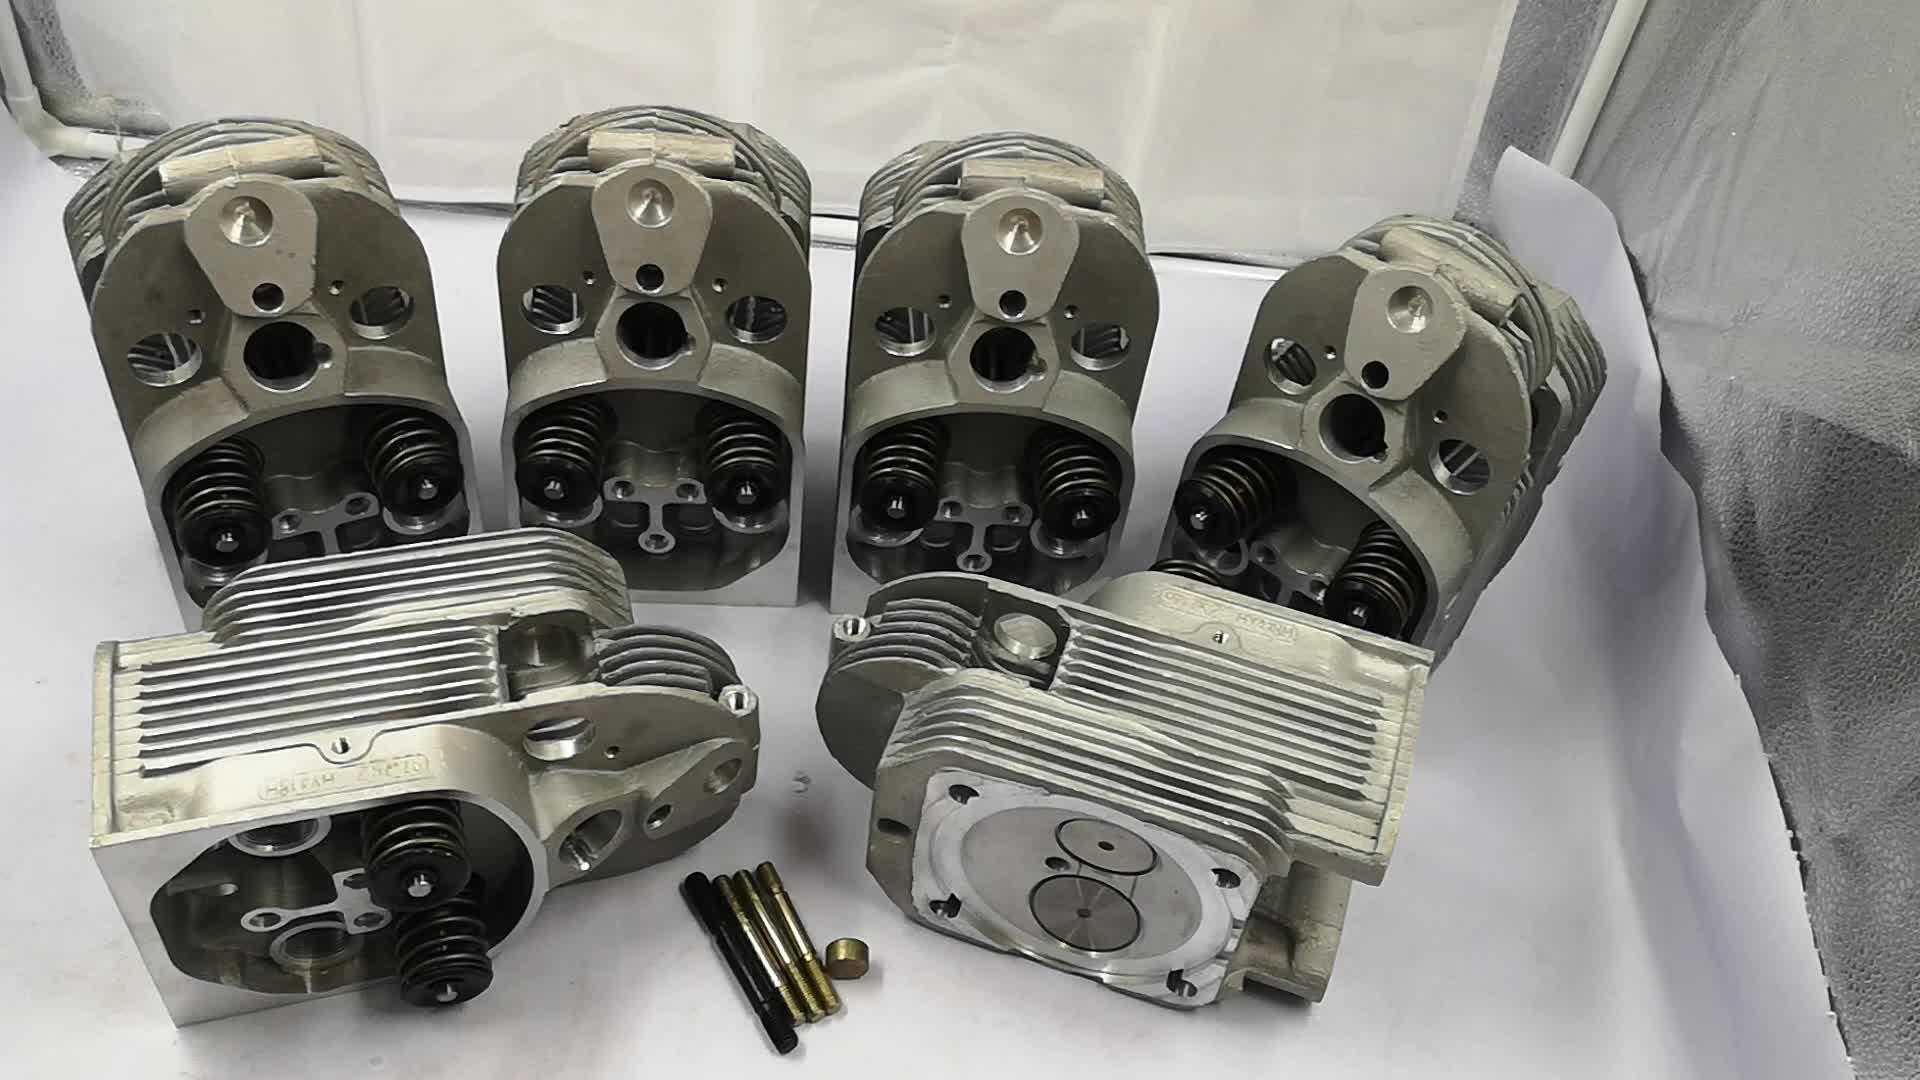 Deutz Motor Zylinderkopf für Verschiedene Diesel Motoren 912 913 914 413 513 1013 2013 1015